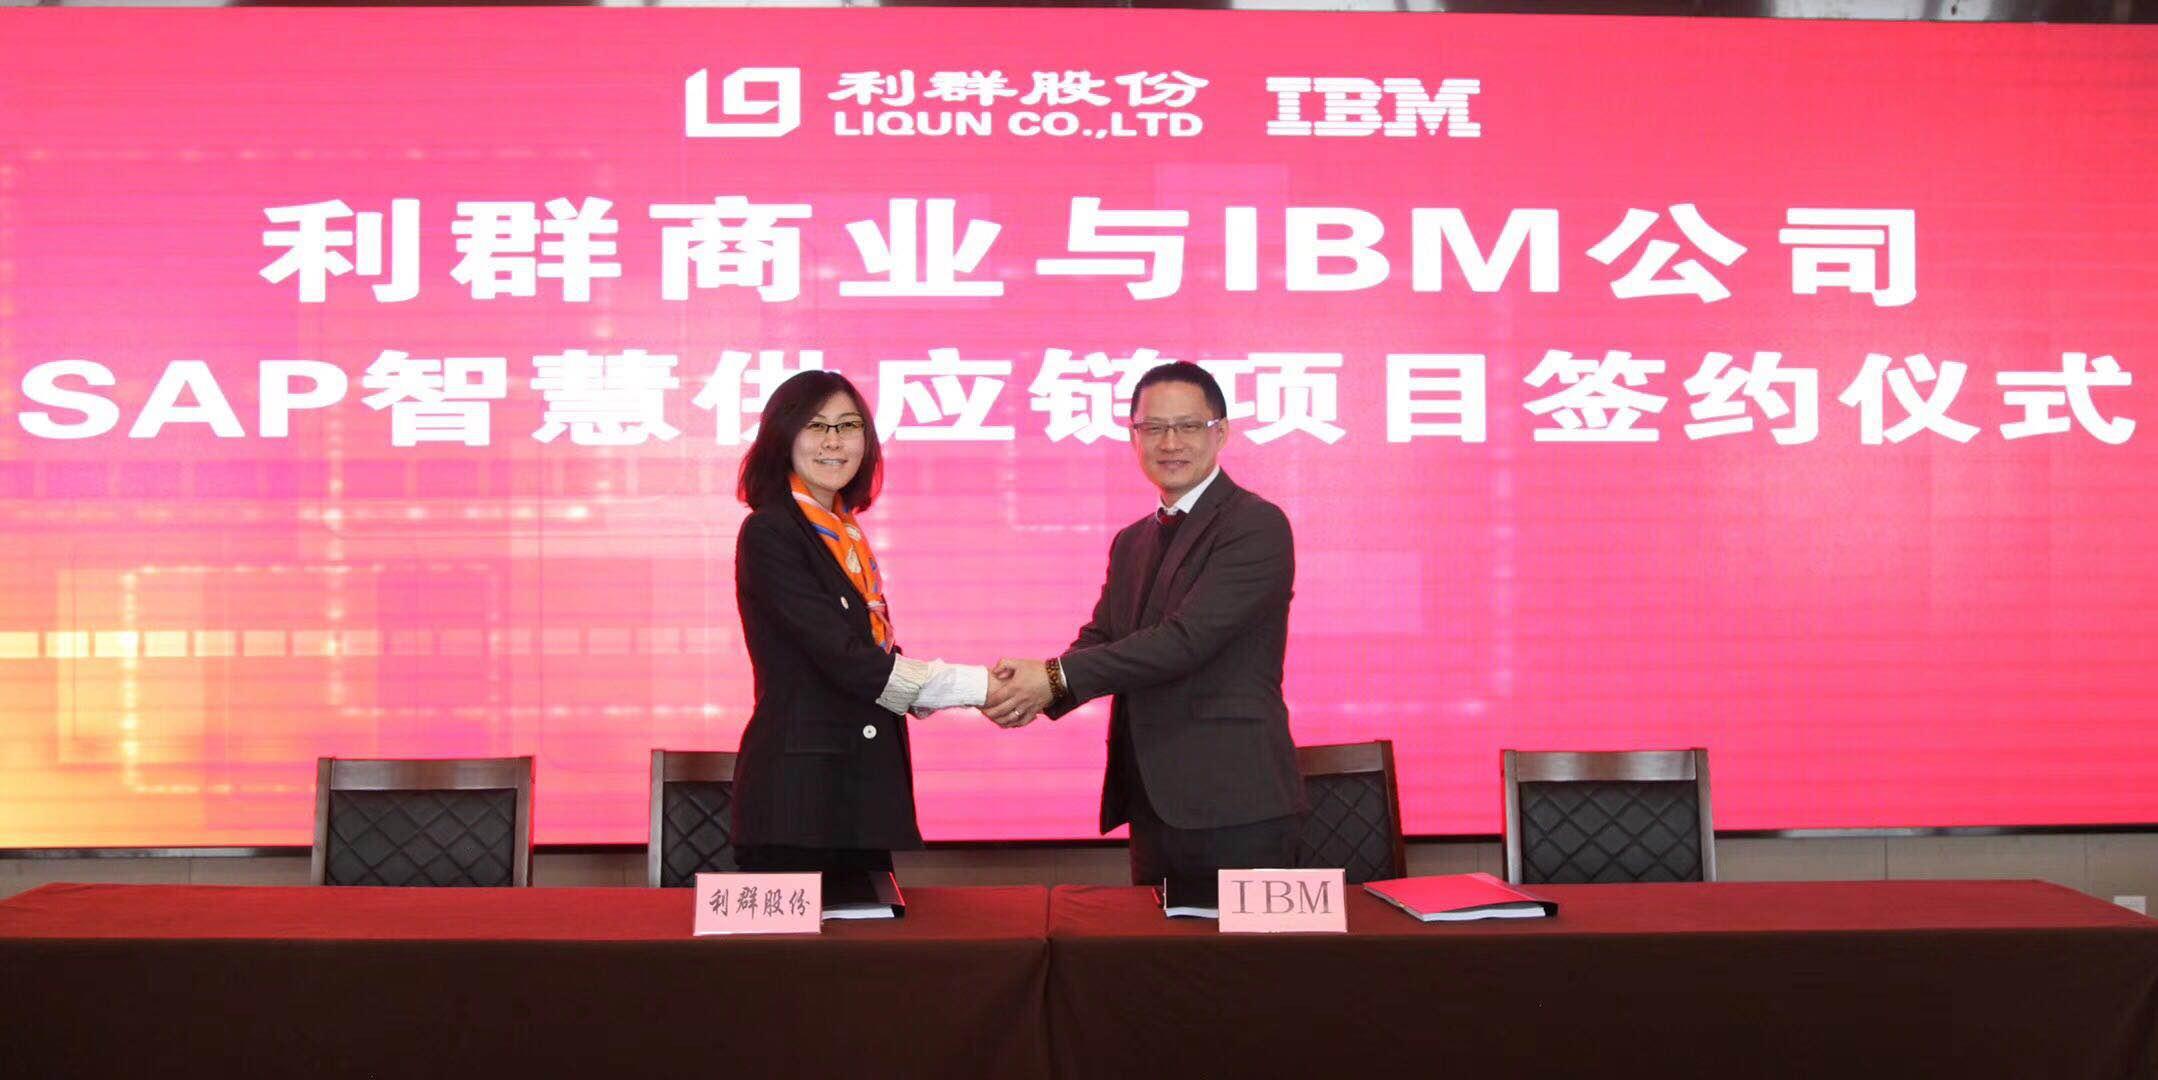 图注:利群商业集团总裁徐瑞泽女士、IBM 全球企业咨询服务部大中华区零售行业副合伙人沈国雄出席签约仪式